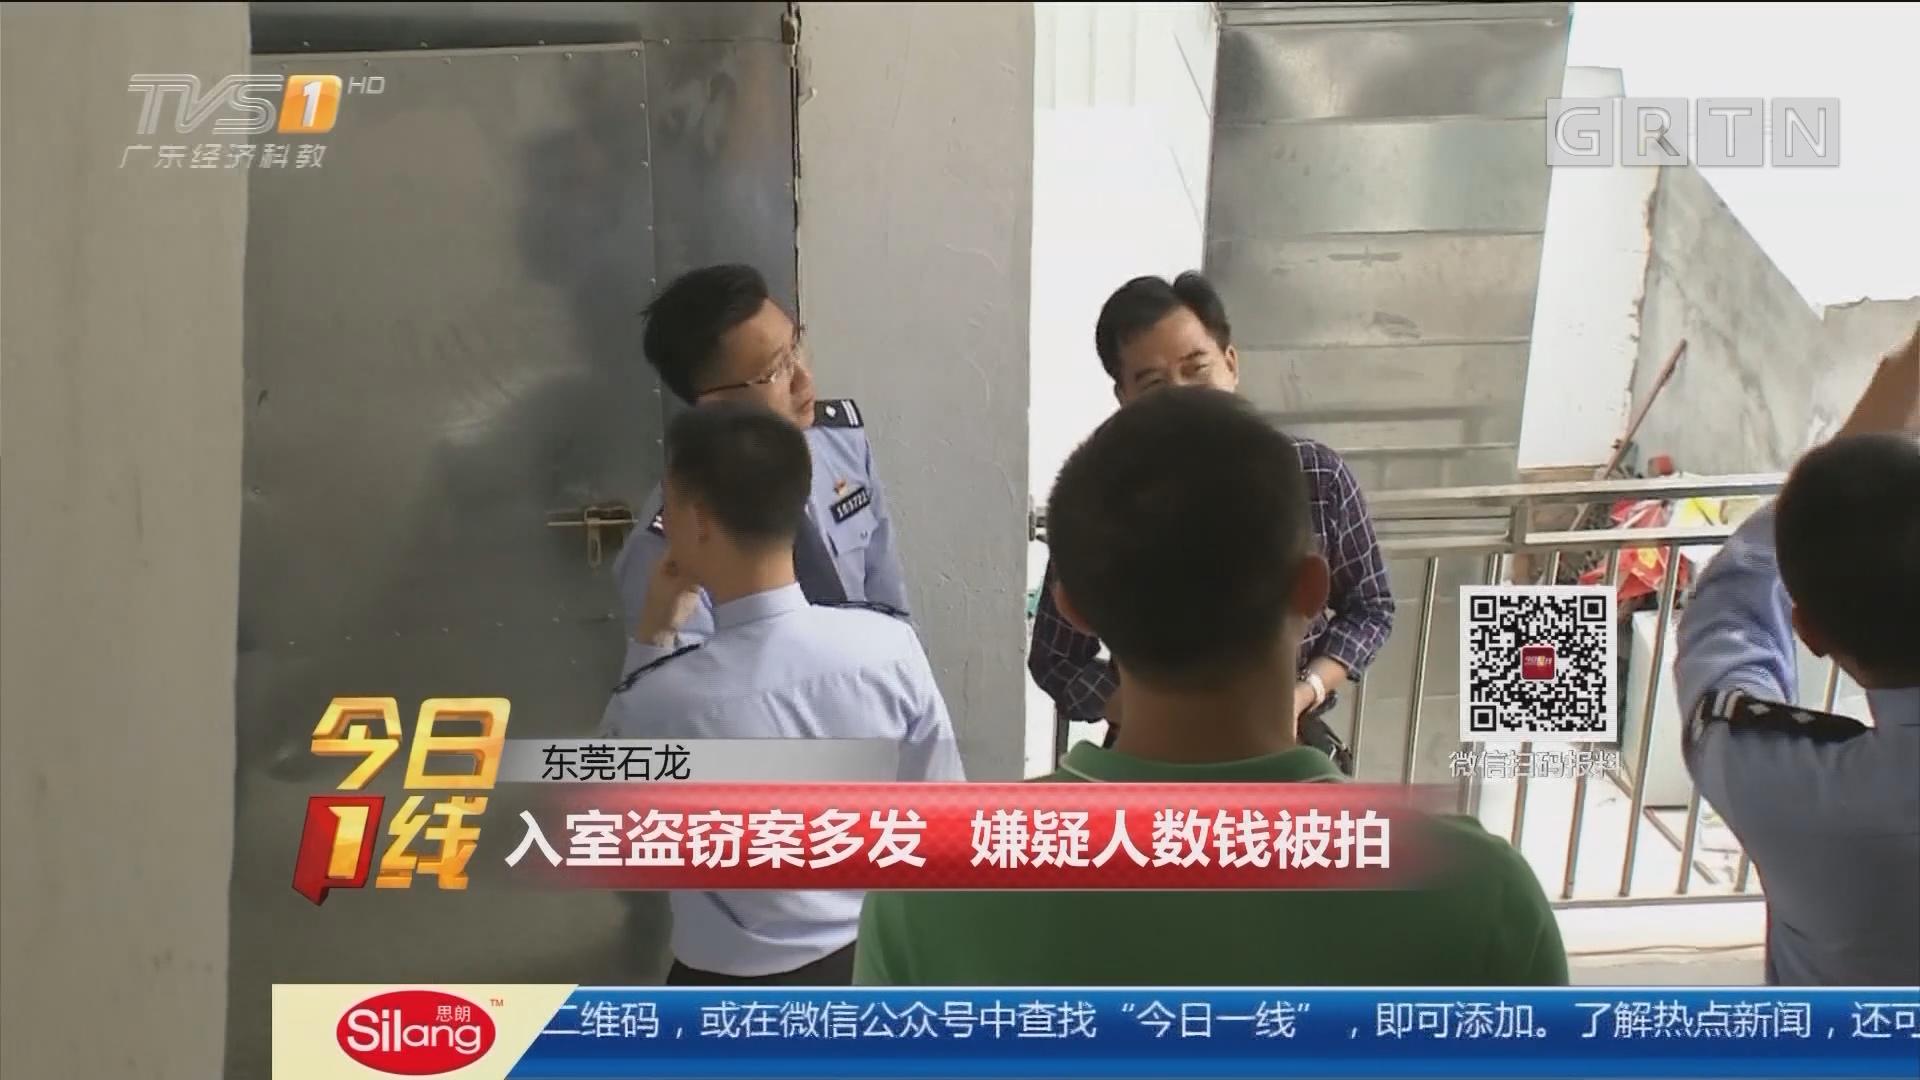 东莞石龙:入室盗窃案多发 嫌疑人数钱被拍